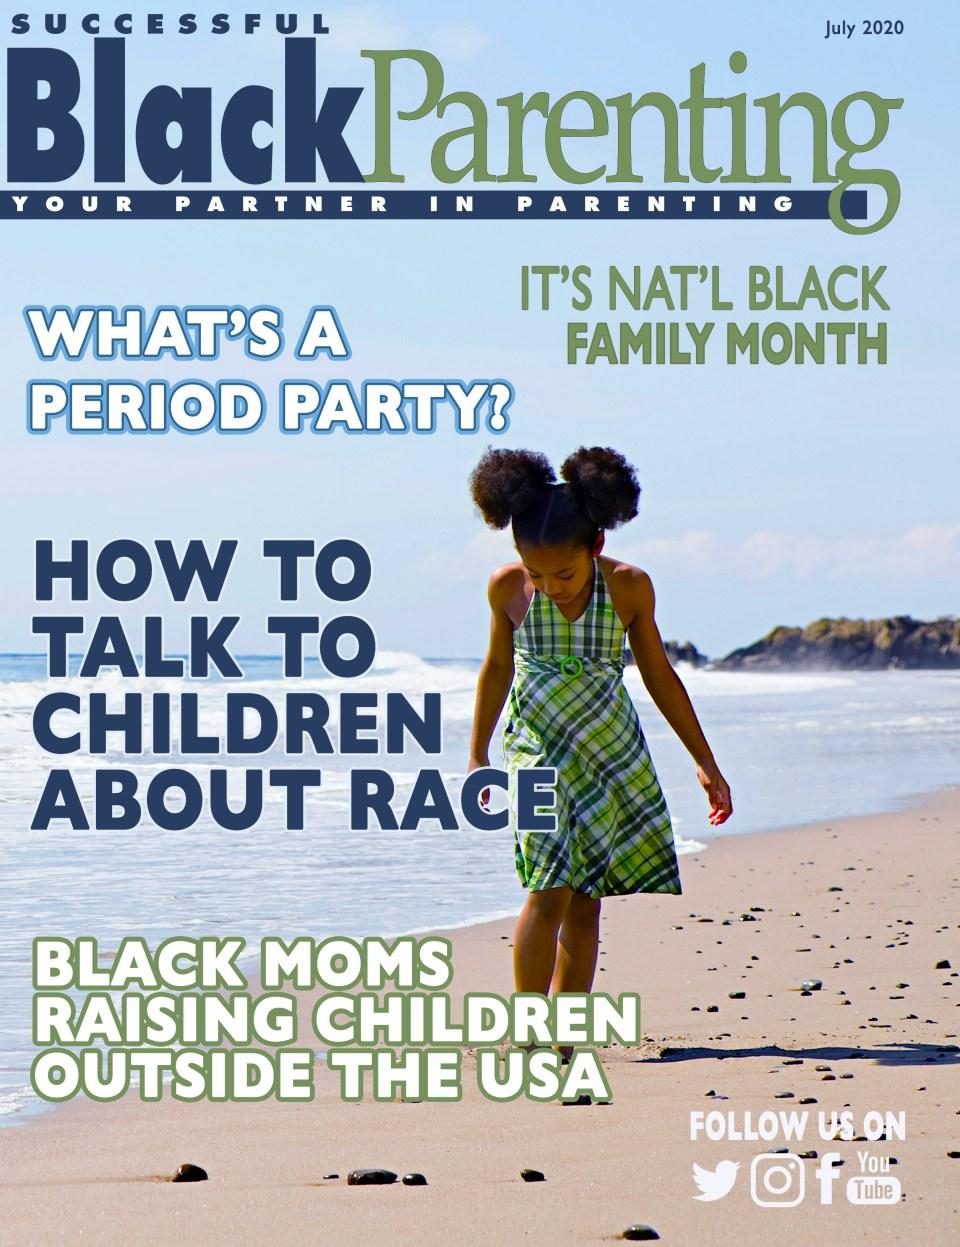 Successful Black Parenting magazine